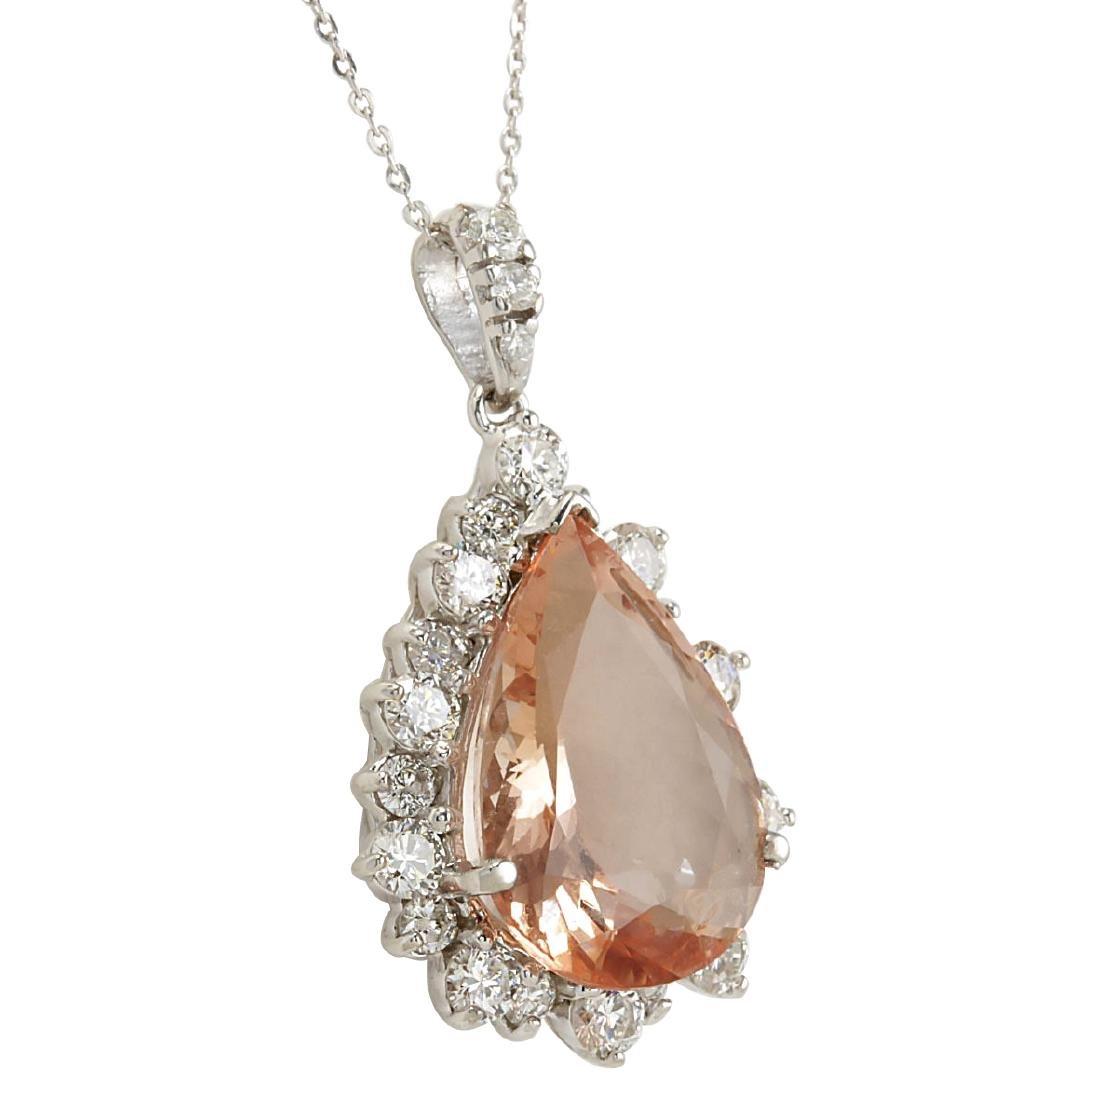 13.42CTW Natural Morganite And Diamond Pendant In 18K - 2